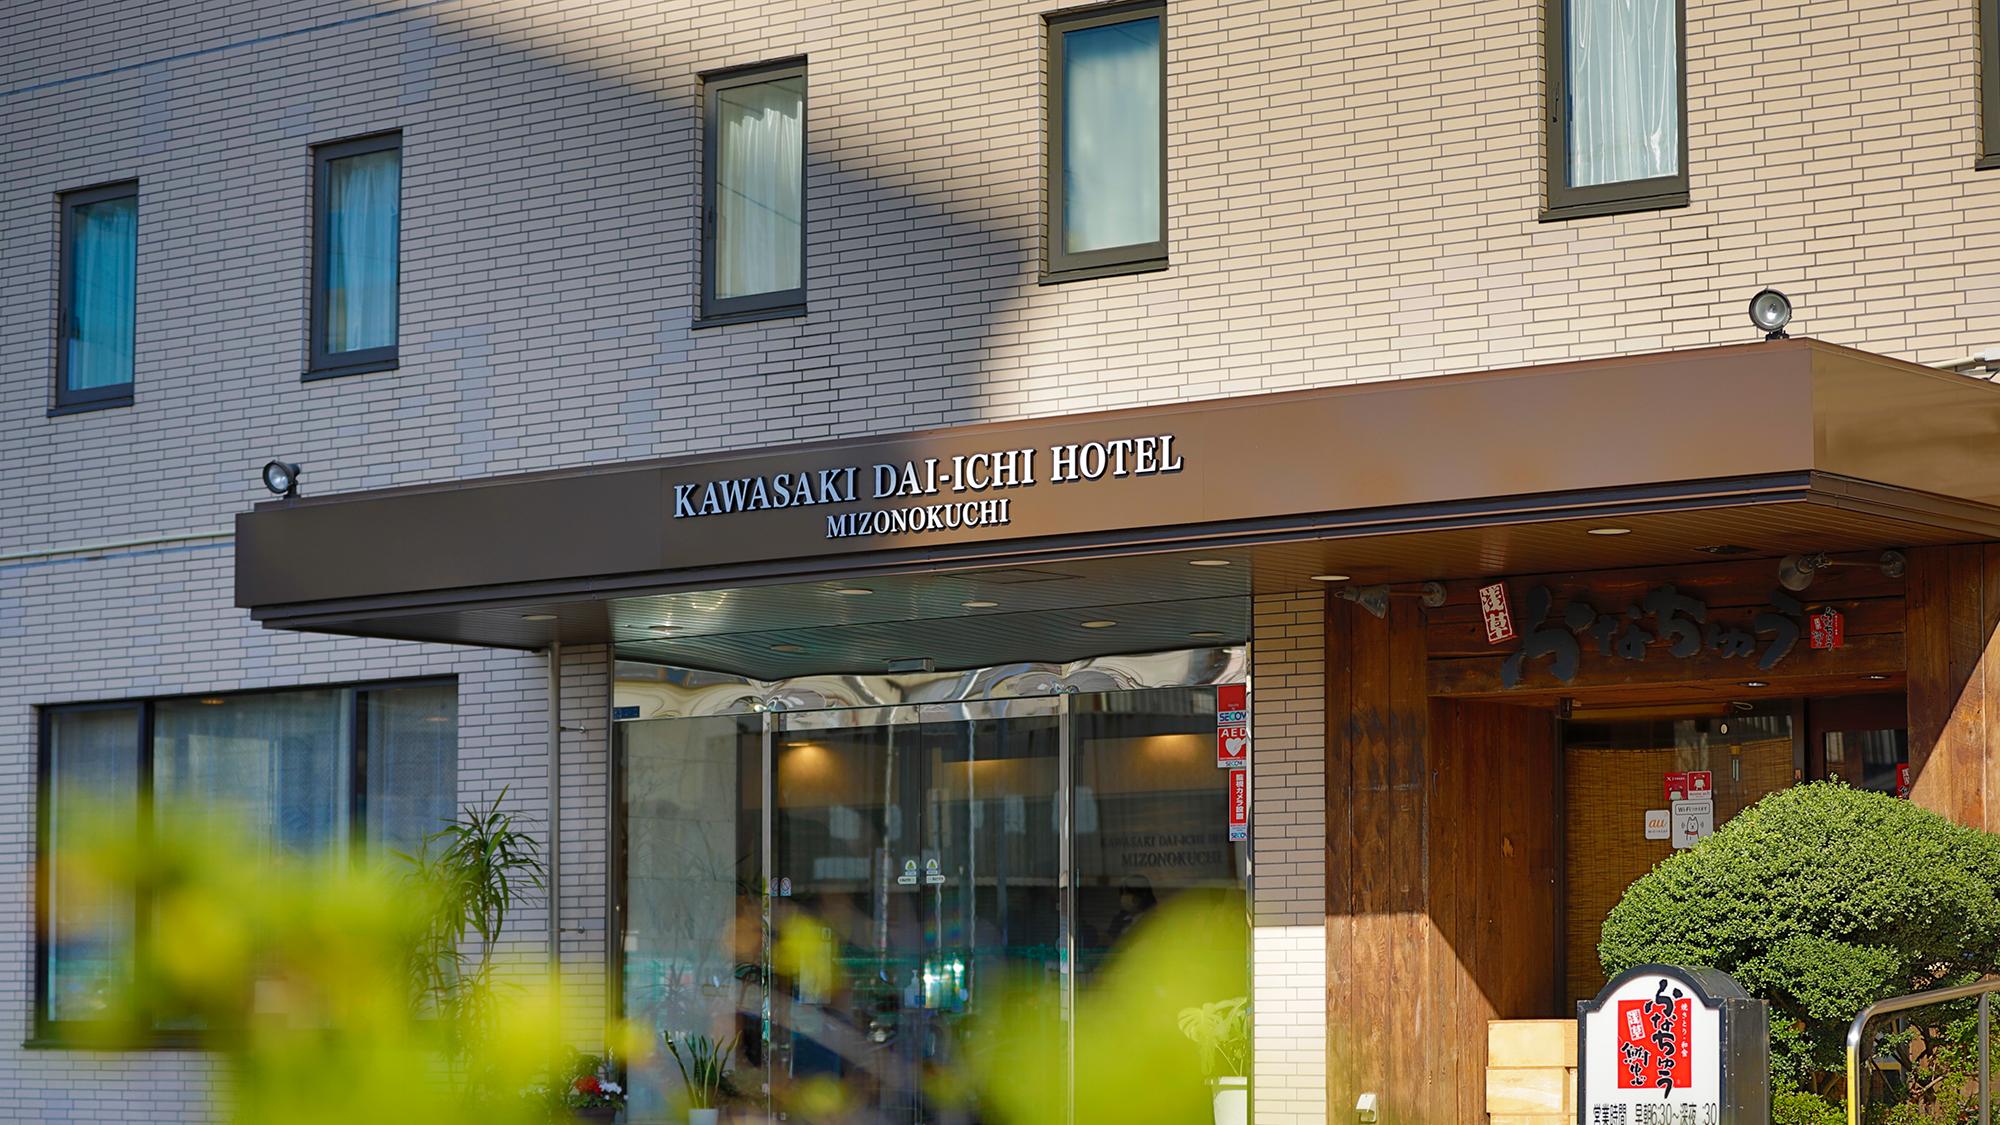 川崎 第一ホテル 溝ノ口◆楽天トラベル